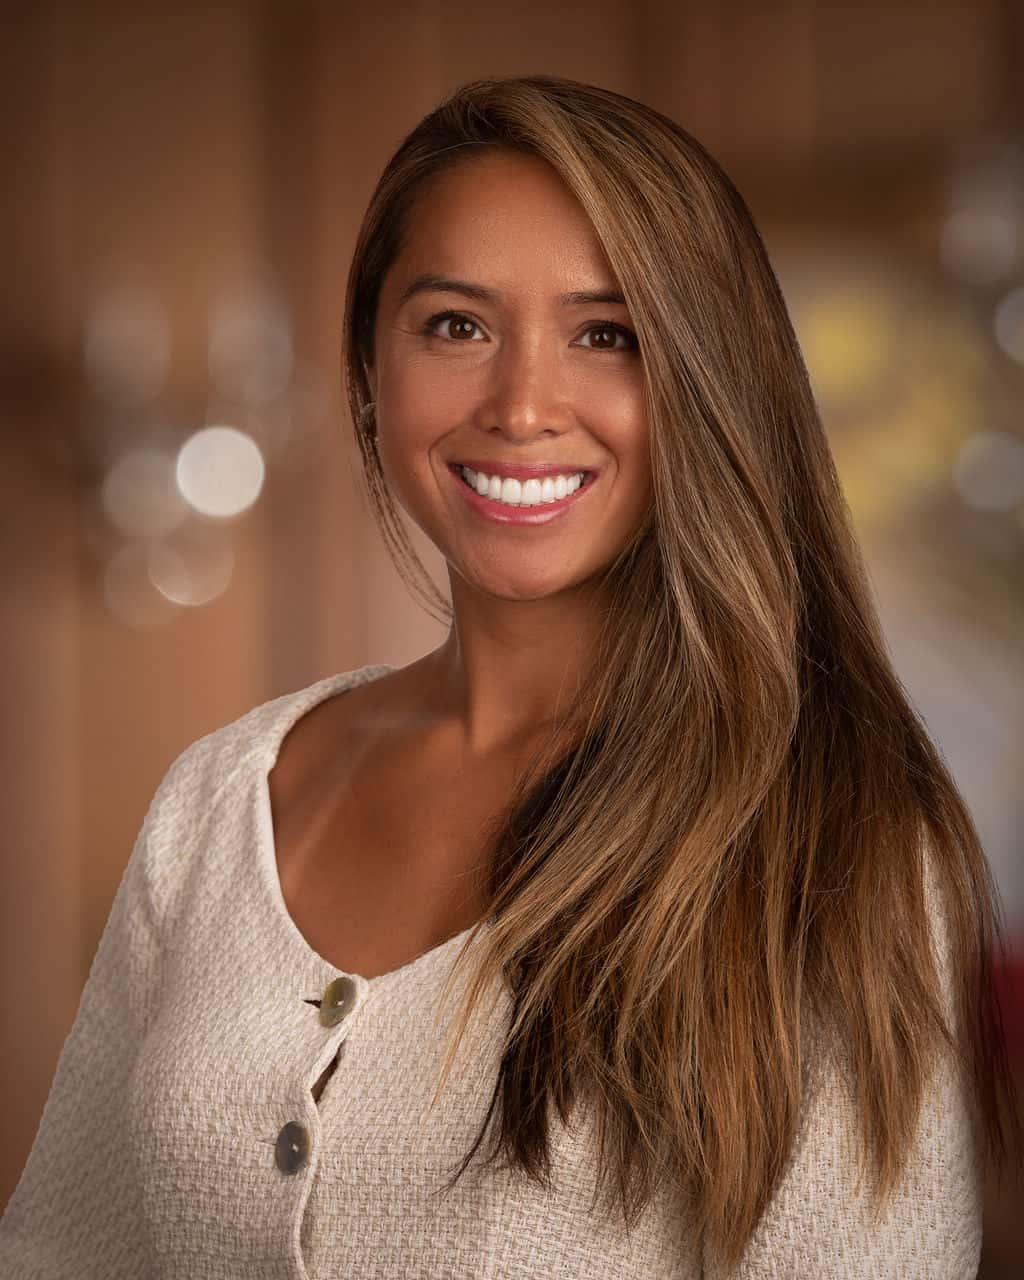 Quinn Nguyen